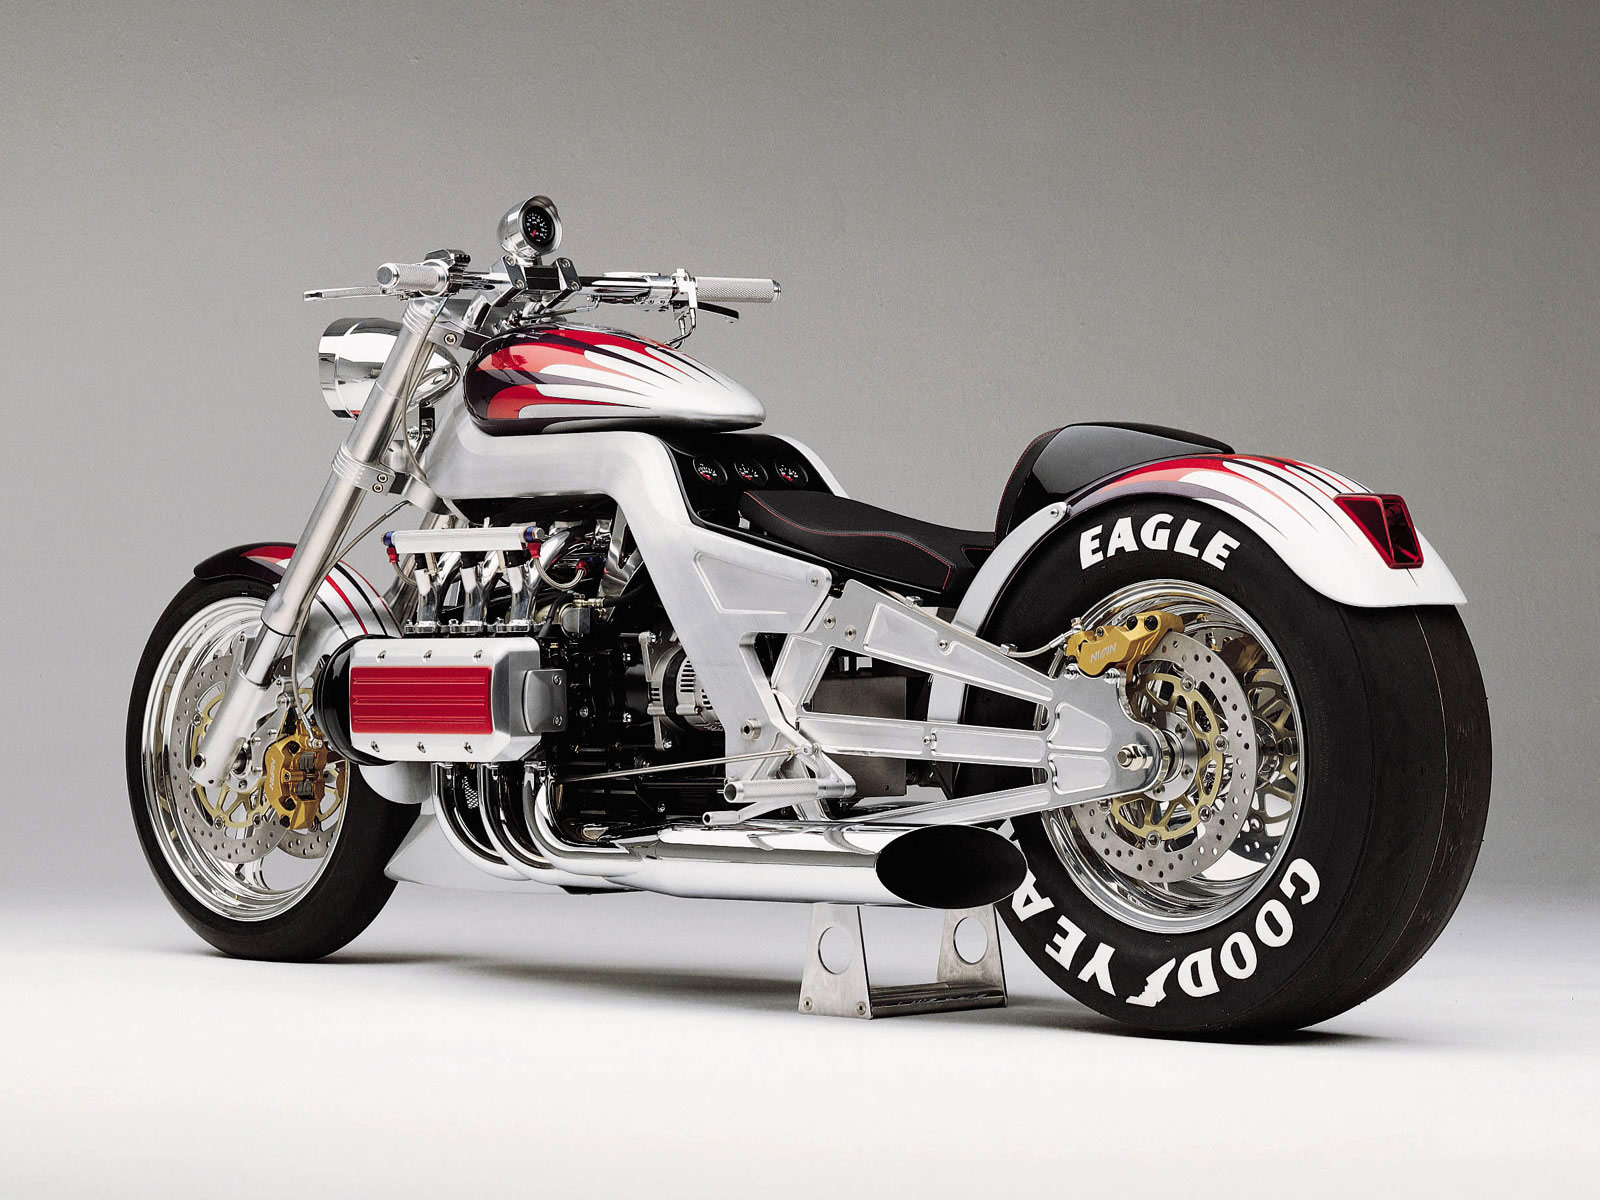 http://3.bp.blogspot.com/-5eYLhpSzgUE/TiUJG7ujKiI/AAAAAAAAAJM/MtXTQWIZuII/s1600/honda_T4_Concept_2000_motorcycle-desktop-wallpaper_03.jpg